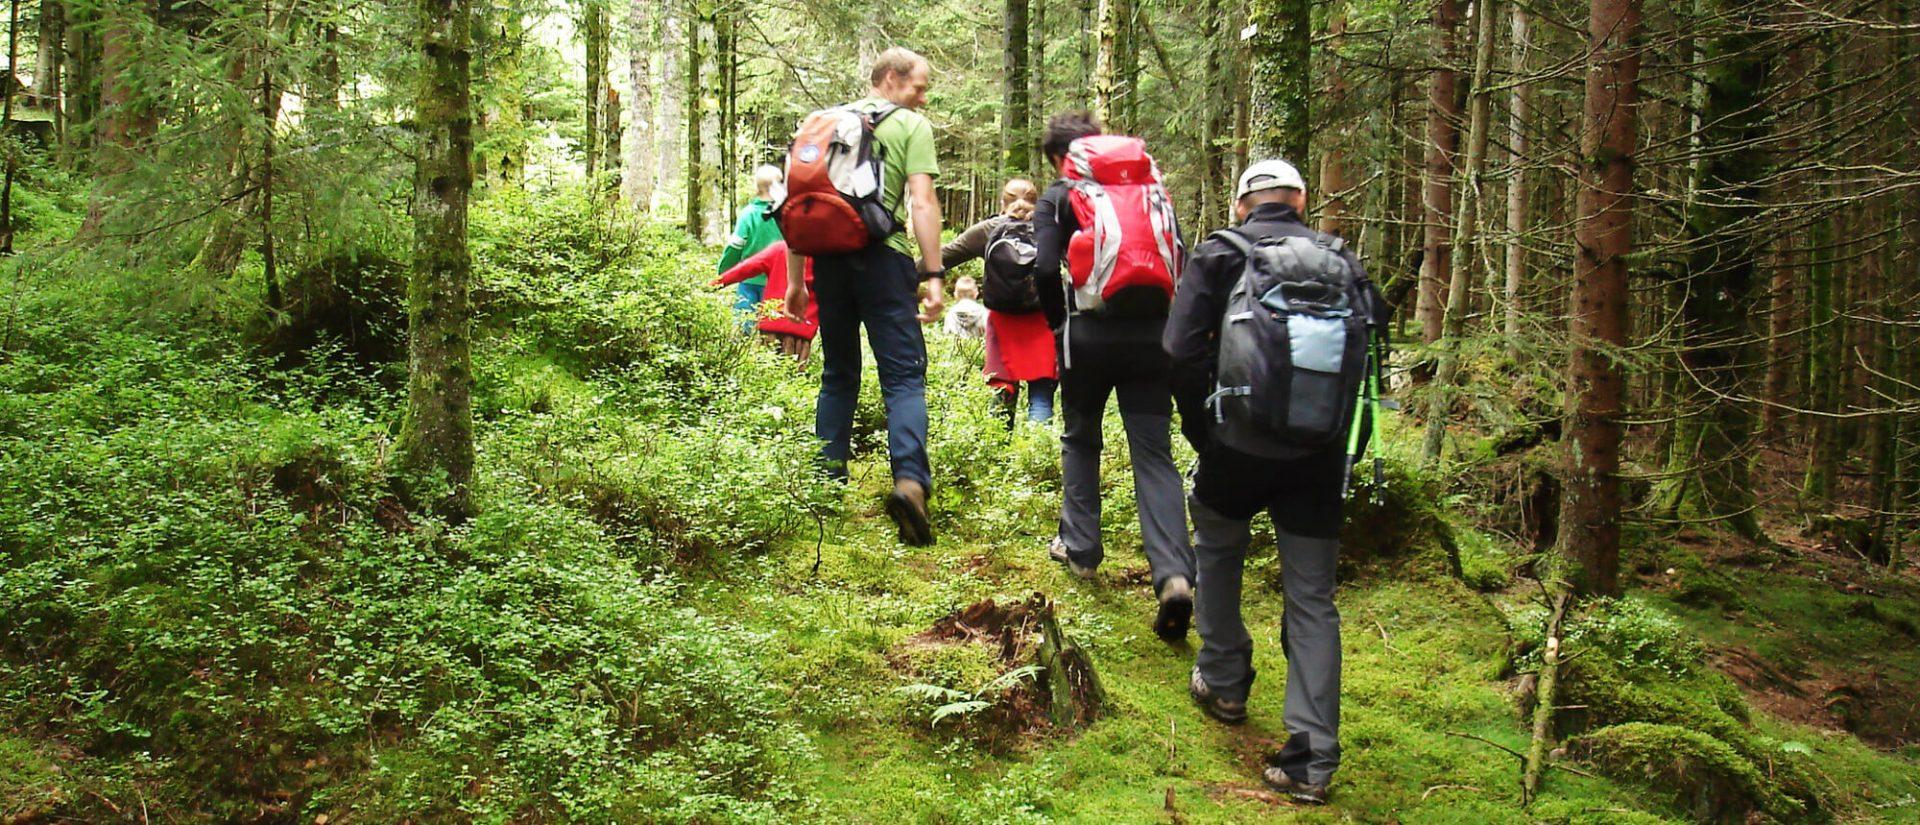 Camping Clos De La Chaume : Balade Nature En Famille Accompagnée Au Camping Au Clos De La Chaume